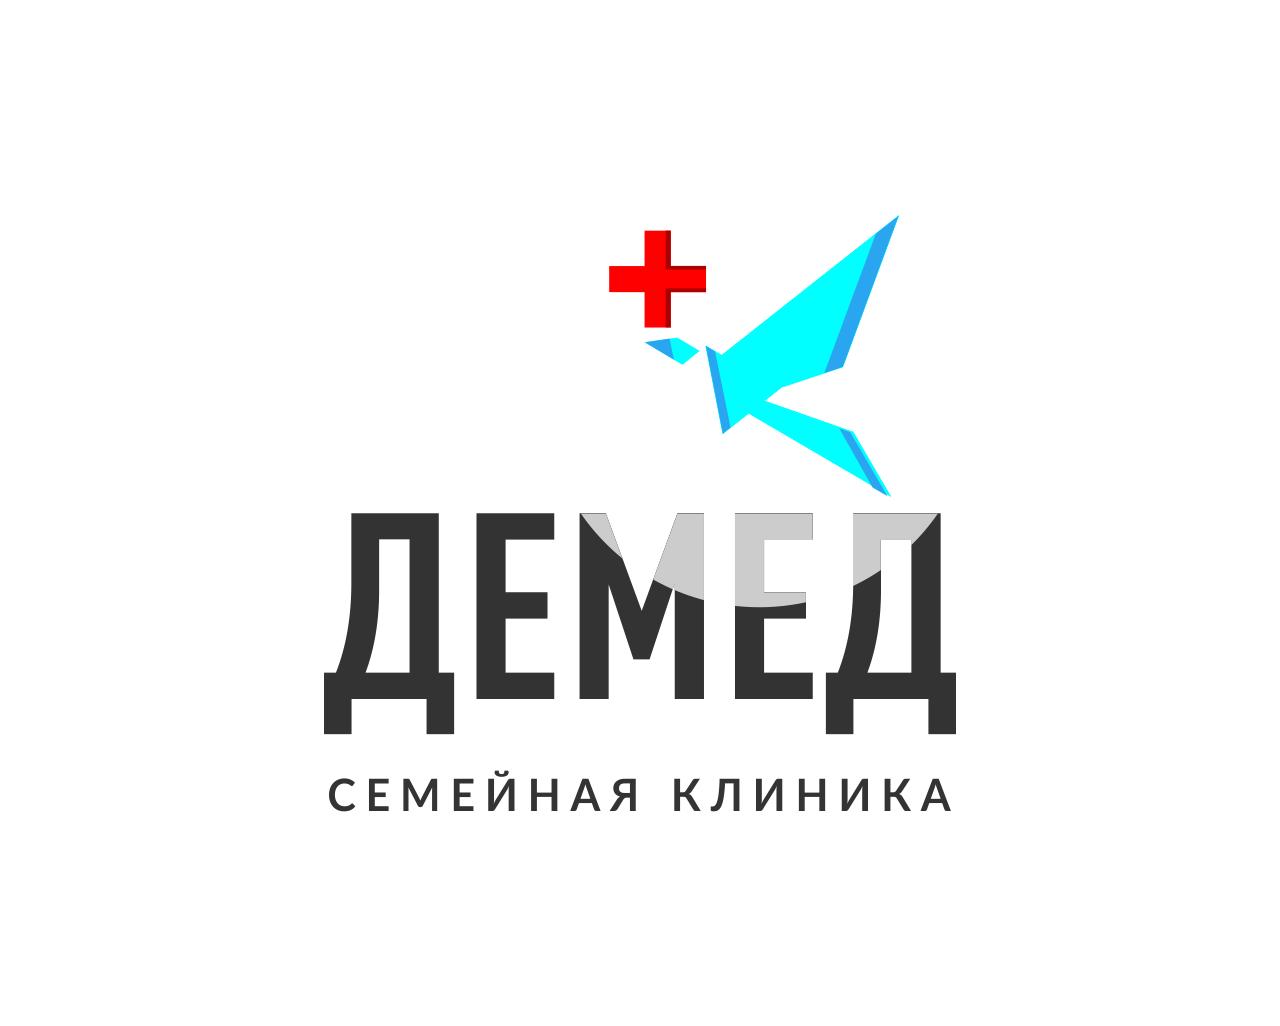 Логотип медицинского центра фото f_3755dcd9446eaf05.jpg